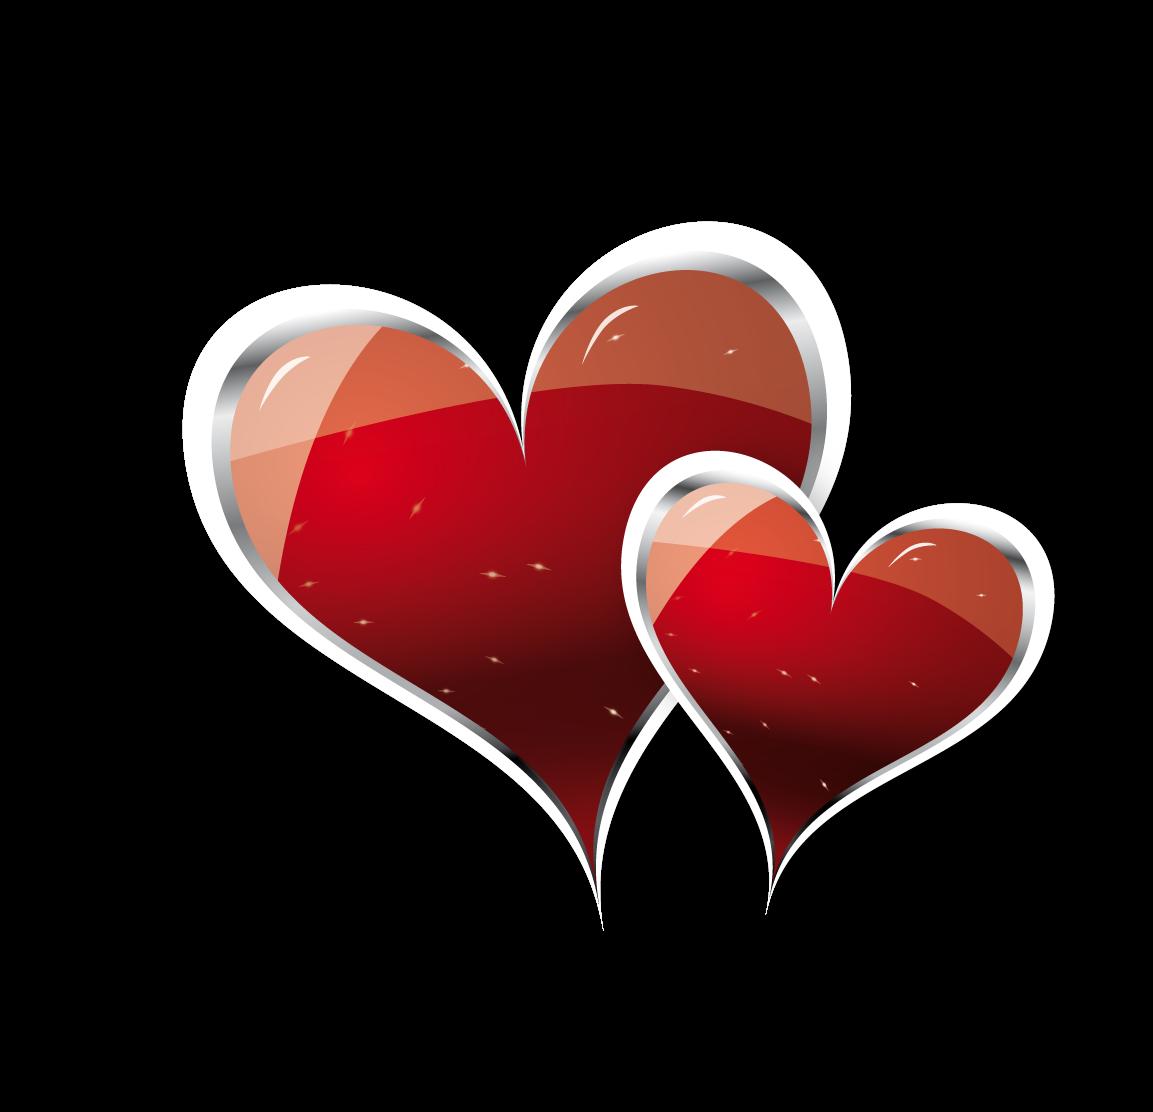 صور تنزيل قلوب حب متحركه , افضل طريقة تنزيل قلوب حب متحركه